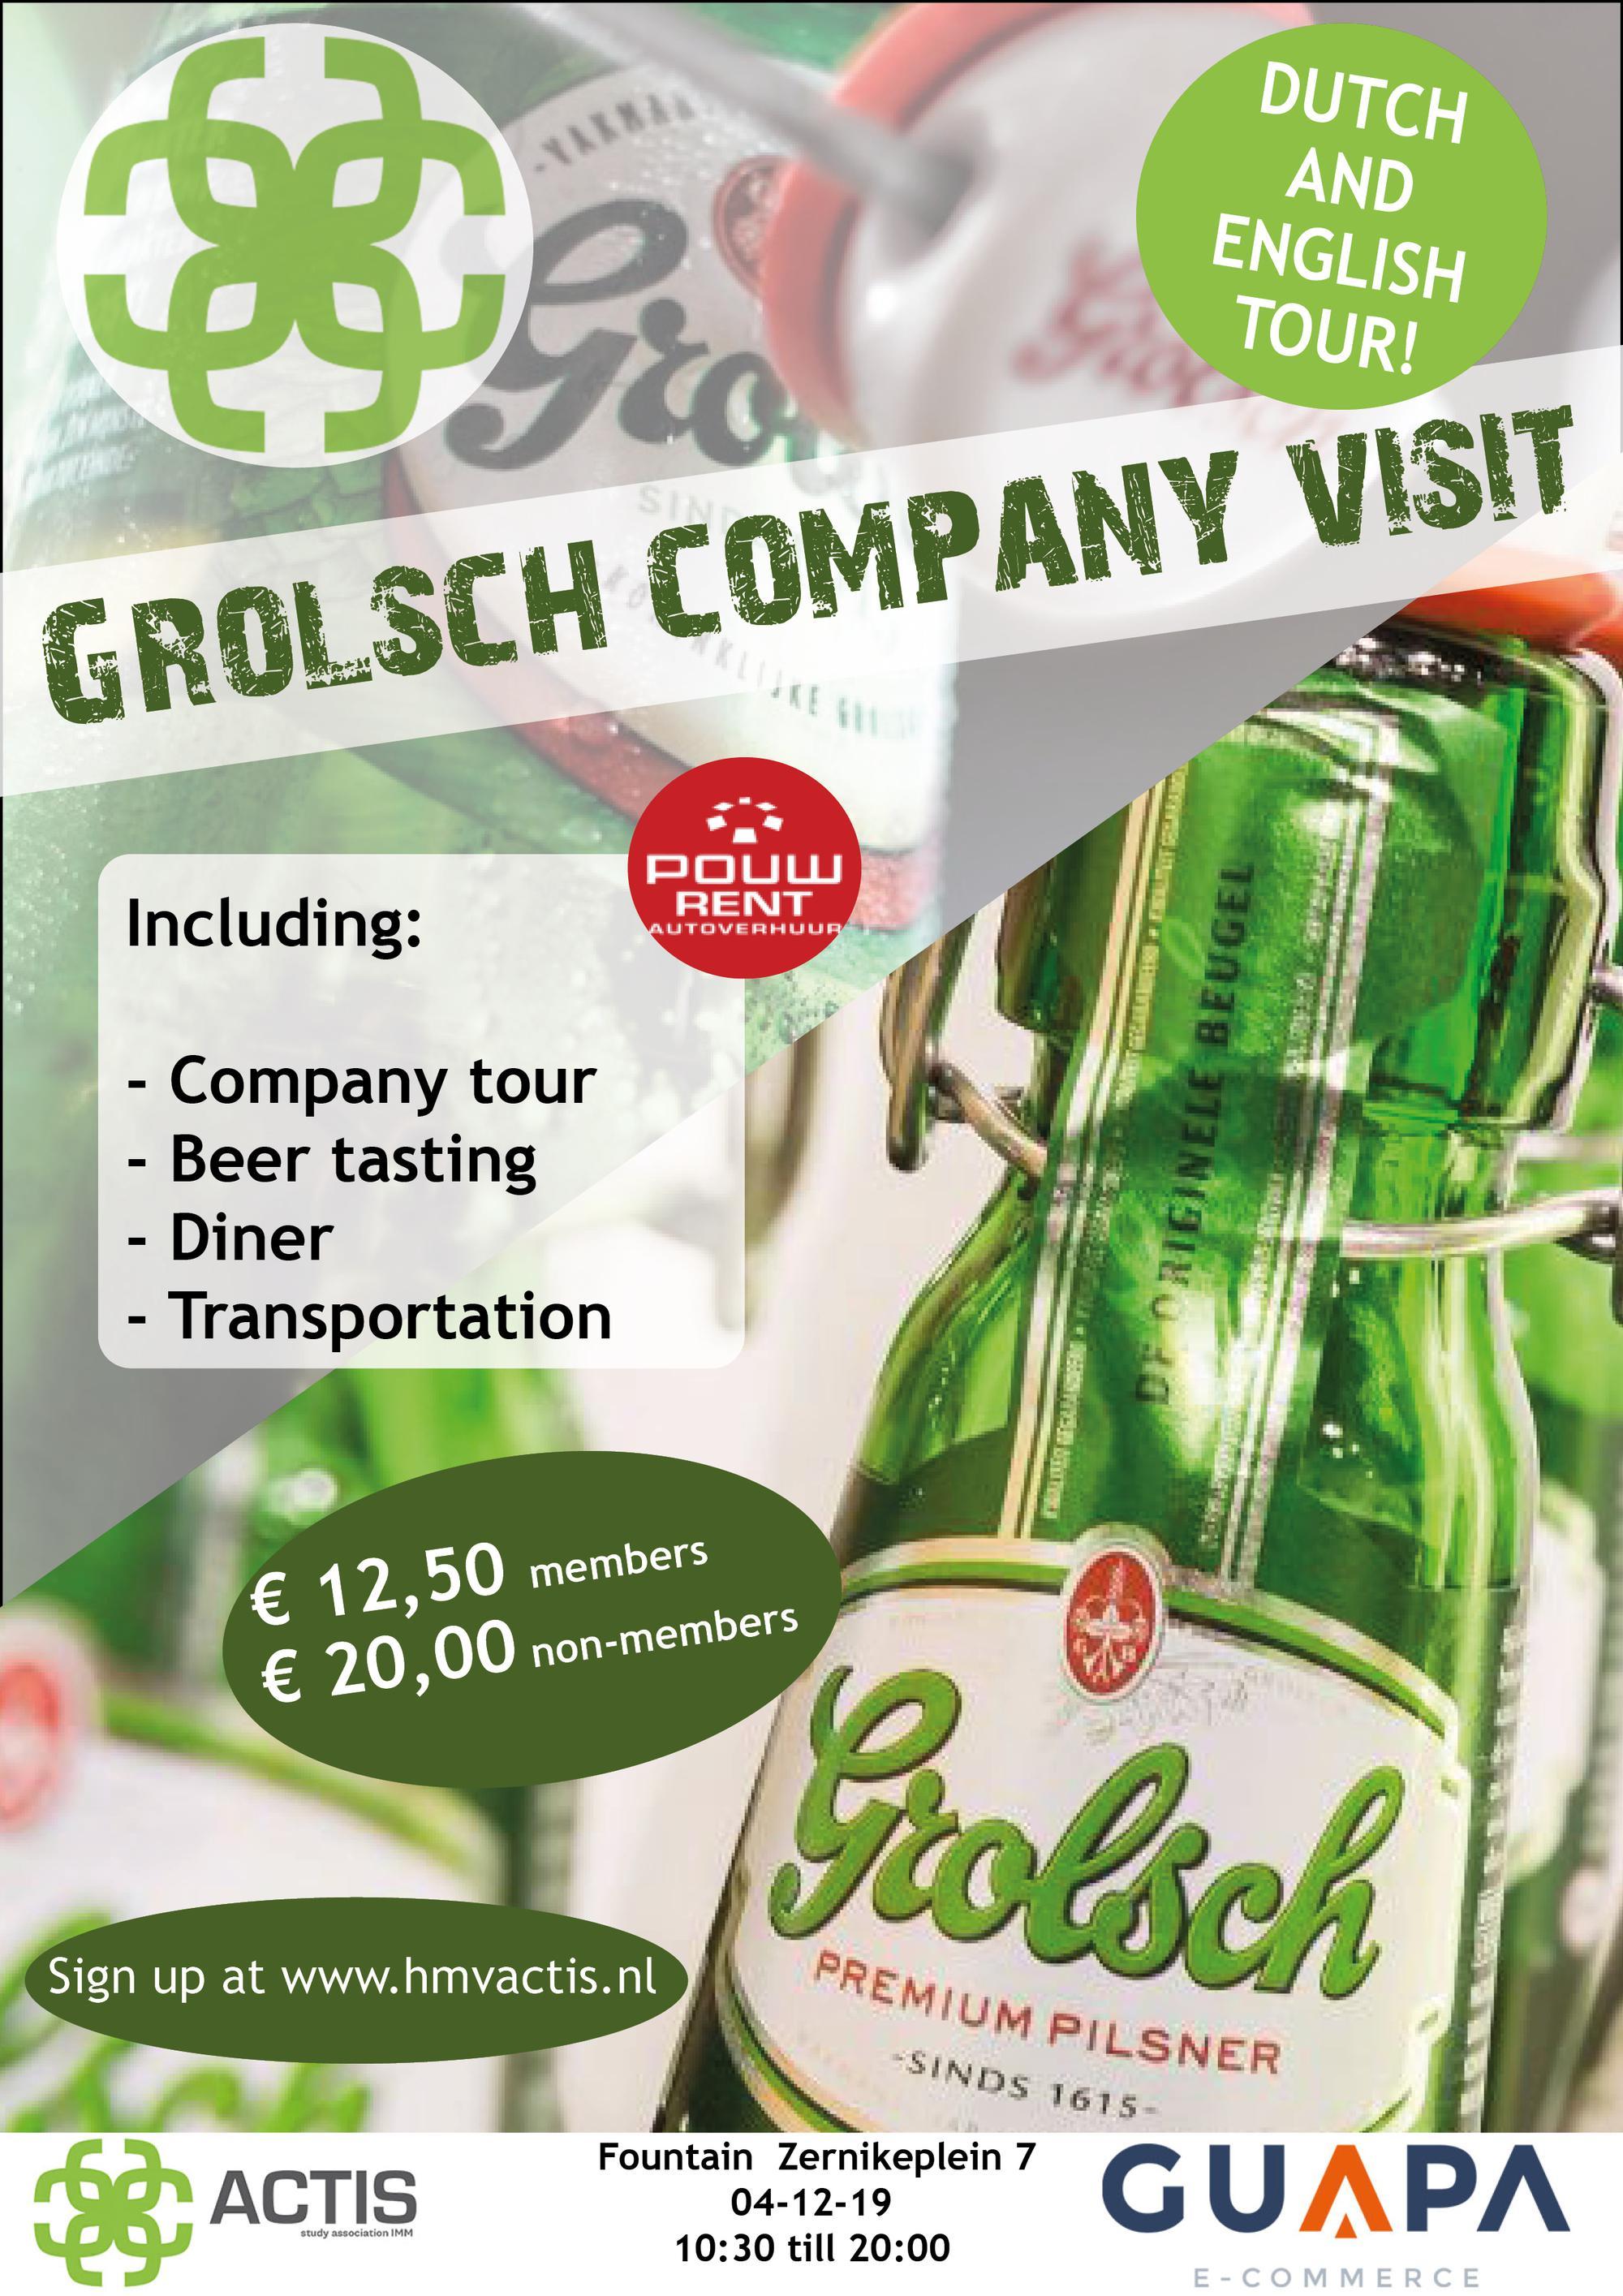 Bedrijfsbezoek Grolsch (Nederlandse tour)